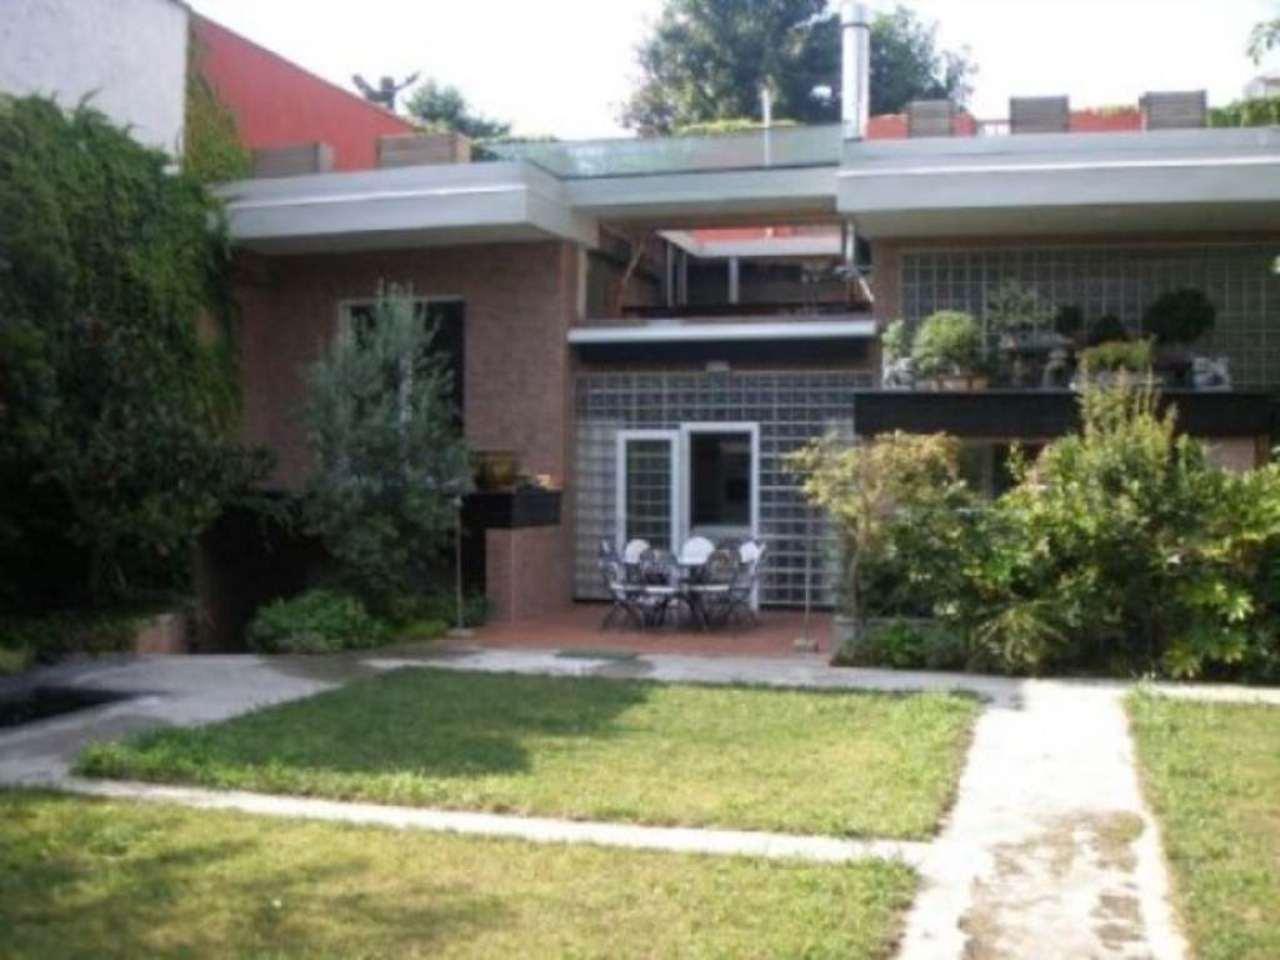 Villa in vendita a Milano, 6 locali, zona Zona: 14 . Lotto, Novara, San Siro, QT8 , Montestella, Rembrandt, prezzo € 2.300.000 | Cambio Casa.it